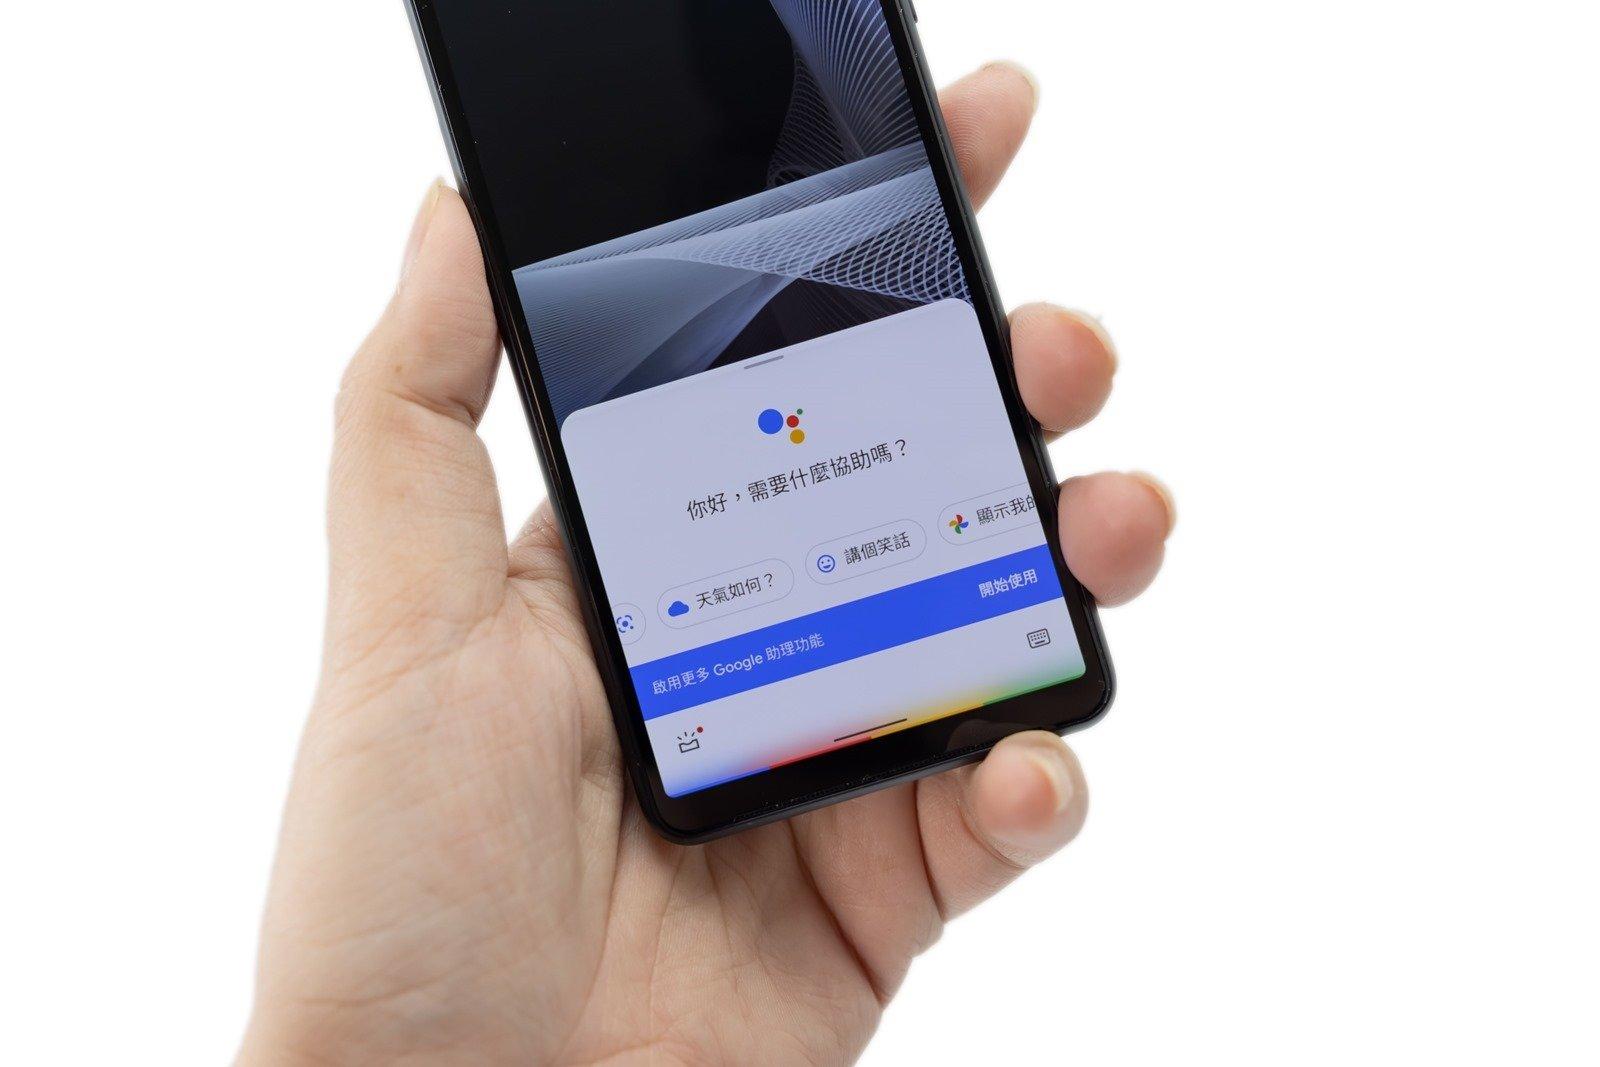 輕巧 5G 防水機 Sony Xperia 10 III 開箱動手玩 + 性能電力實測+ 相機實拍 @3C 達人廖阿輝